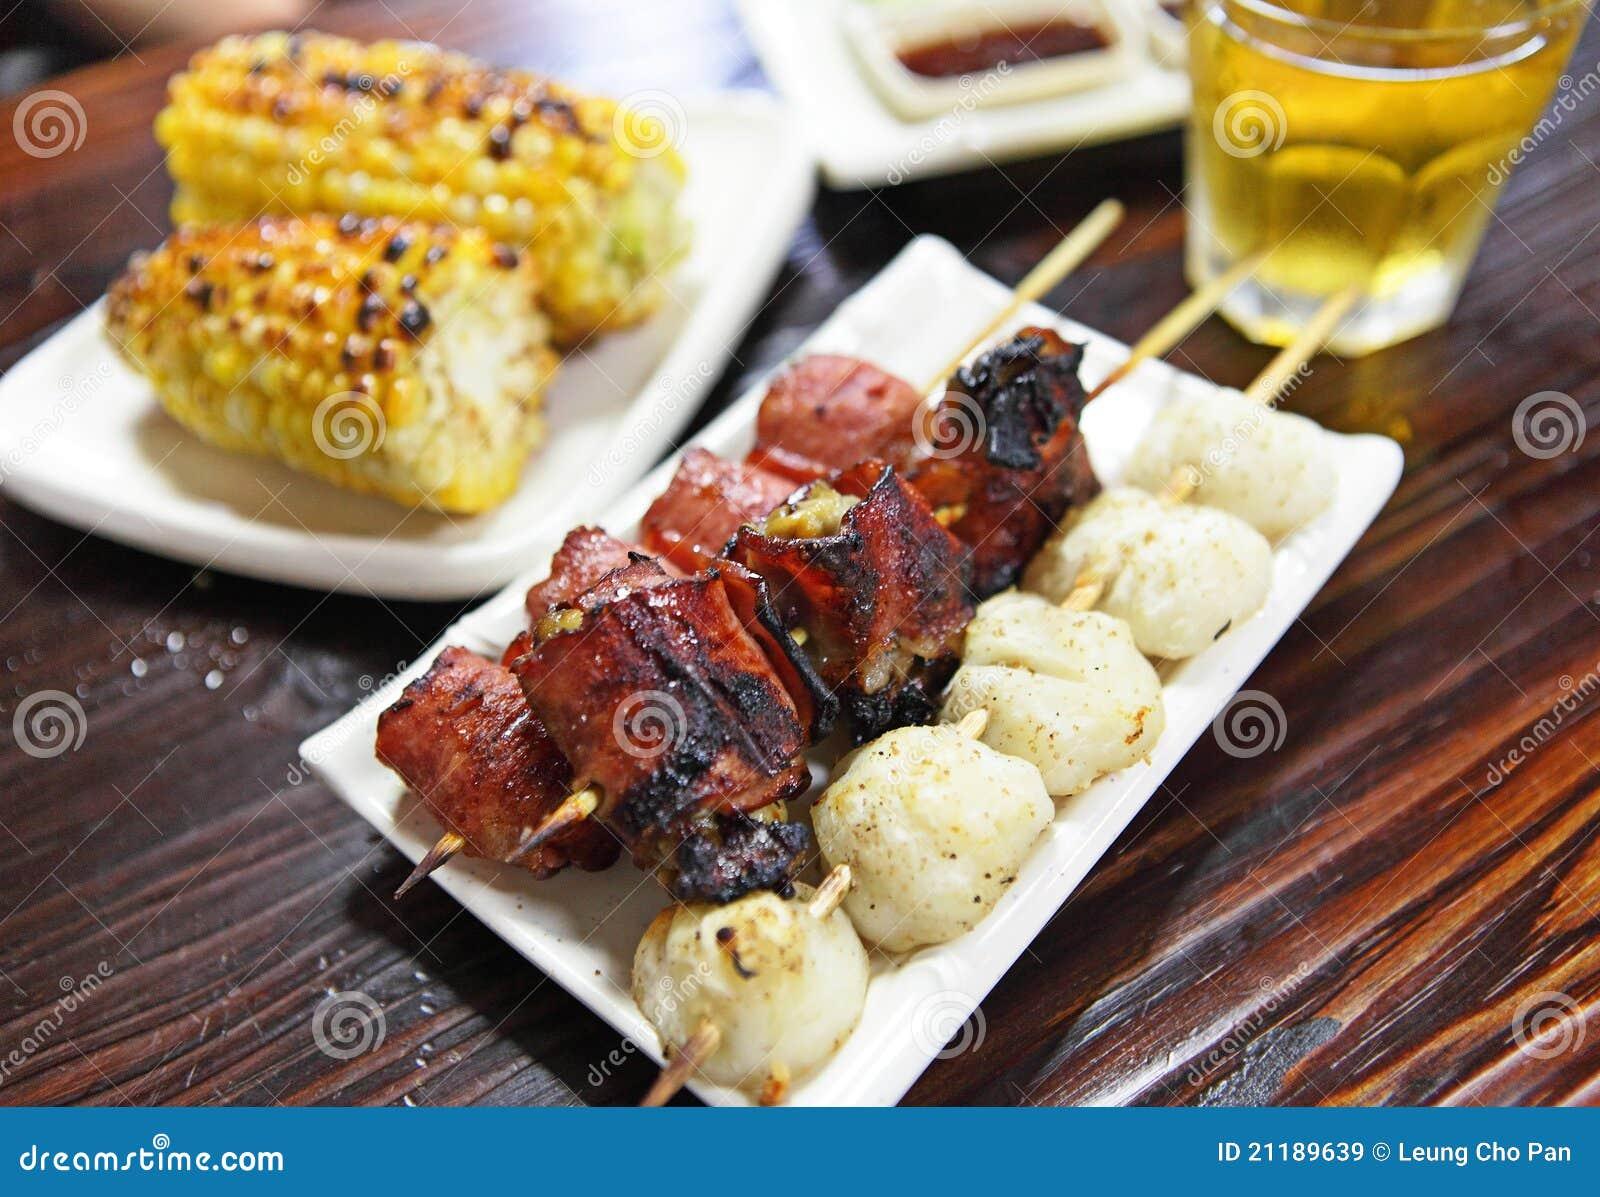 Traditional yakitori chicken